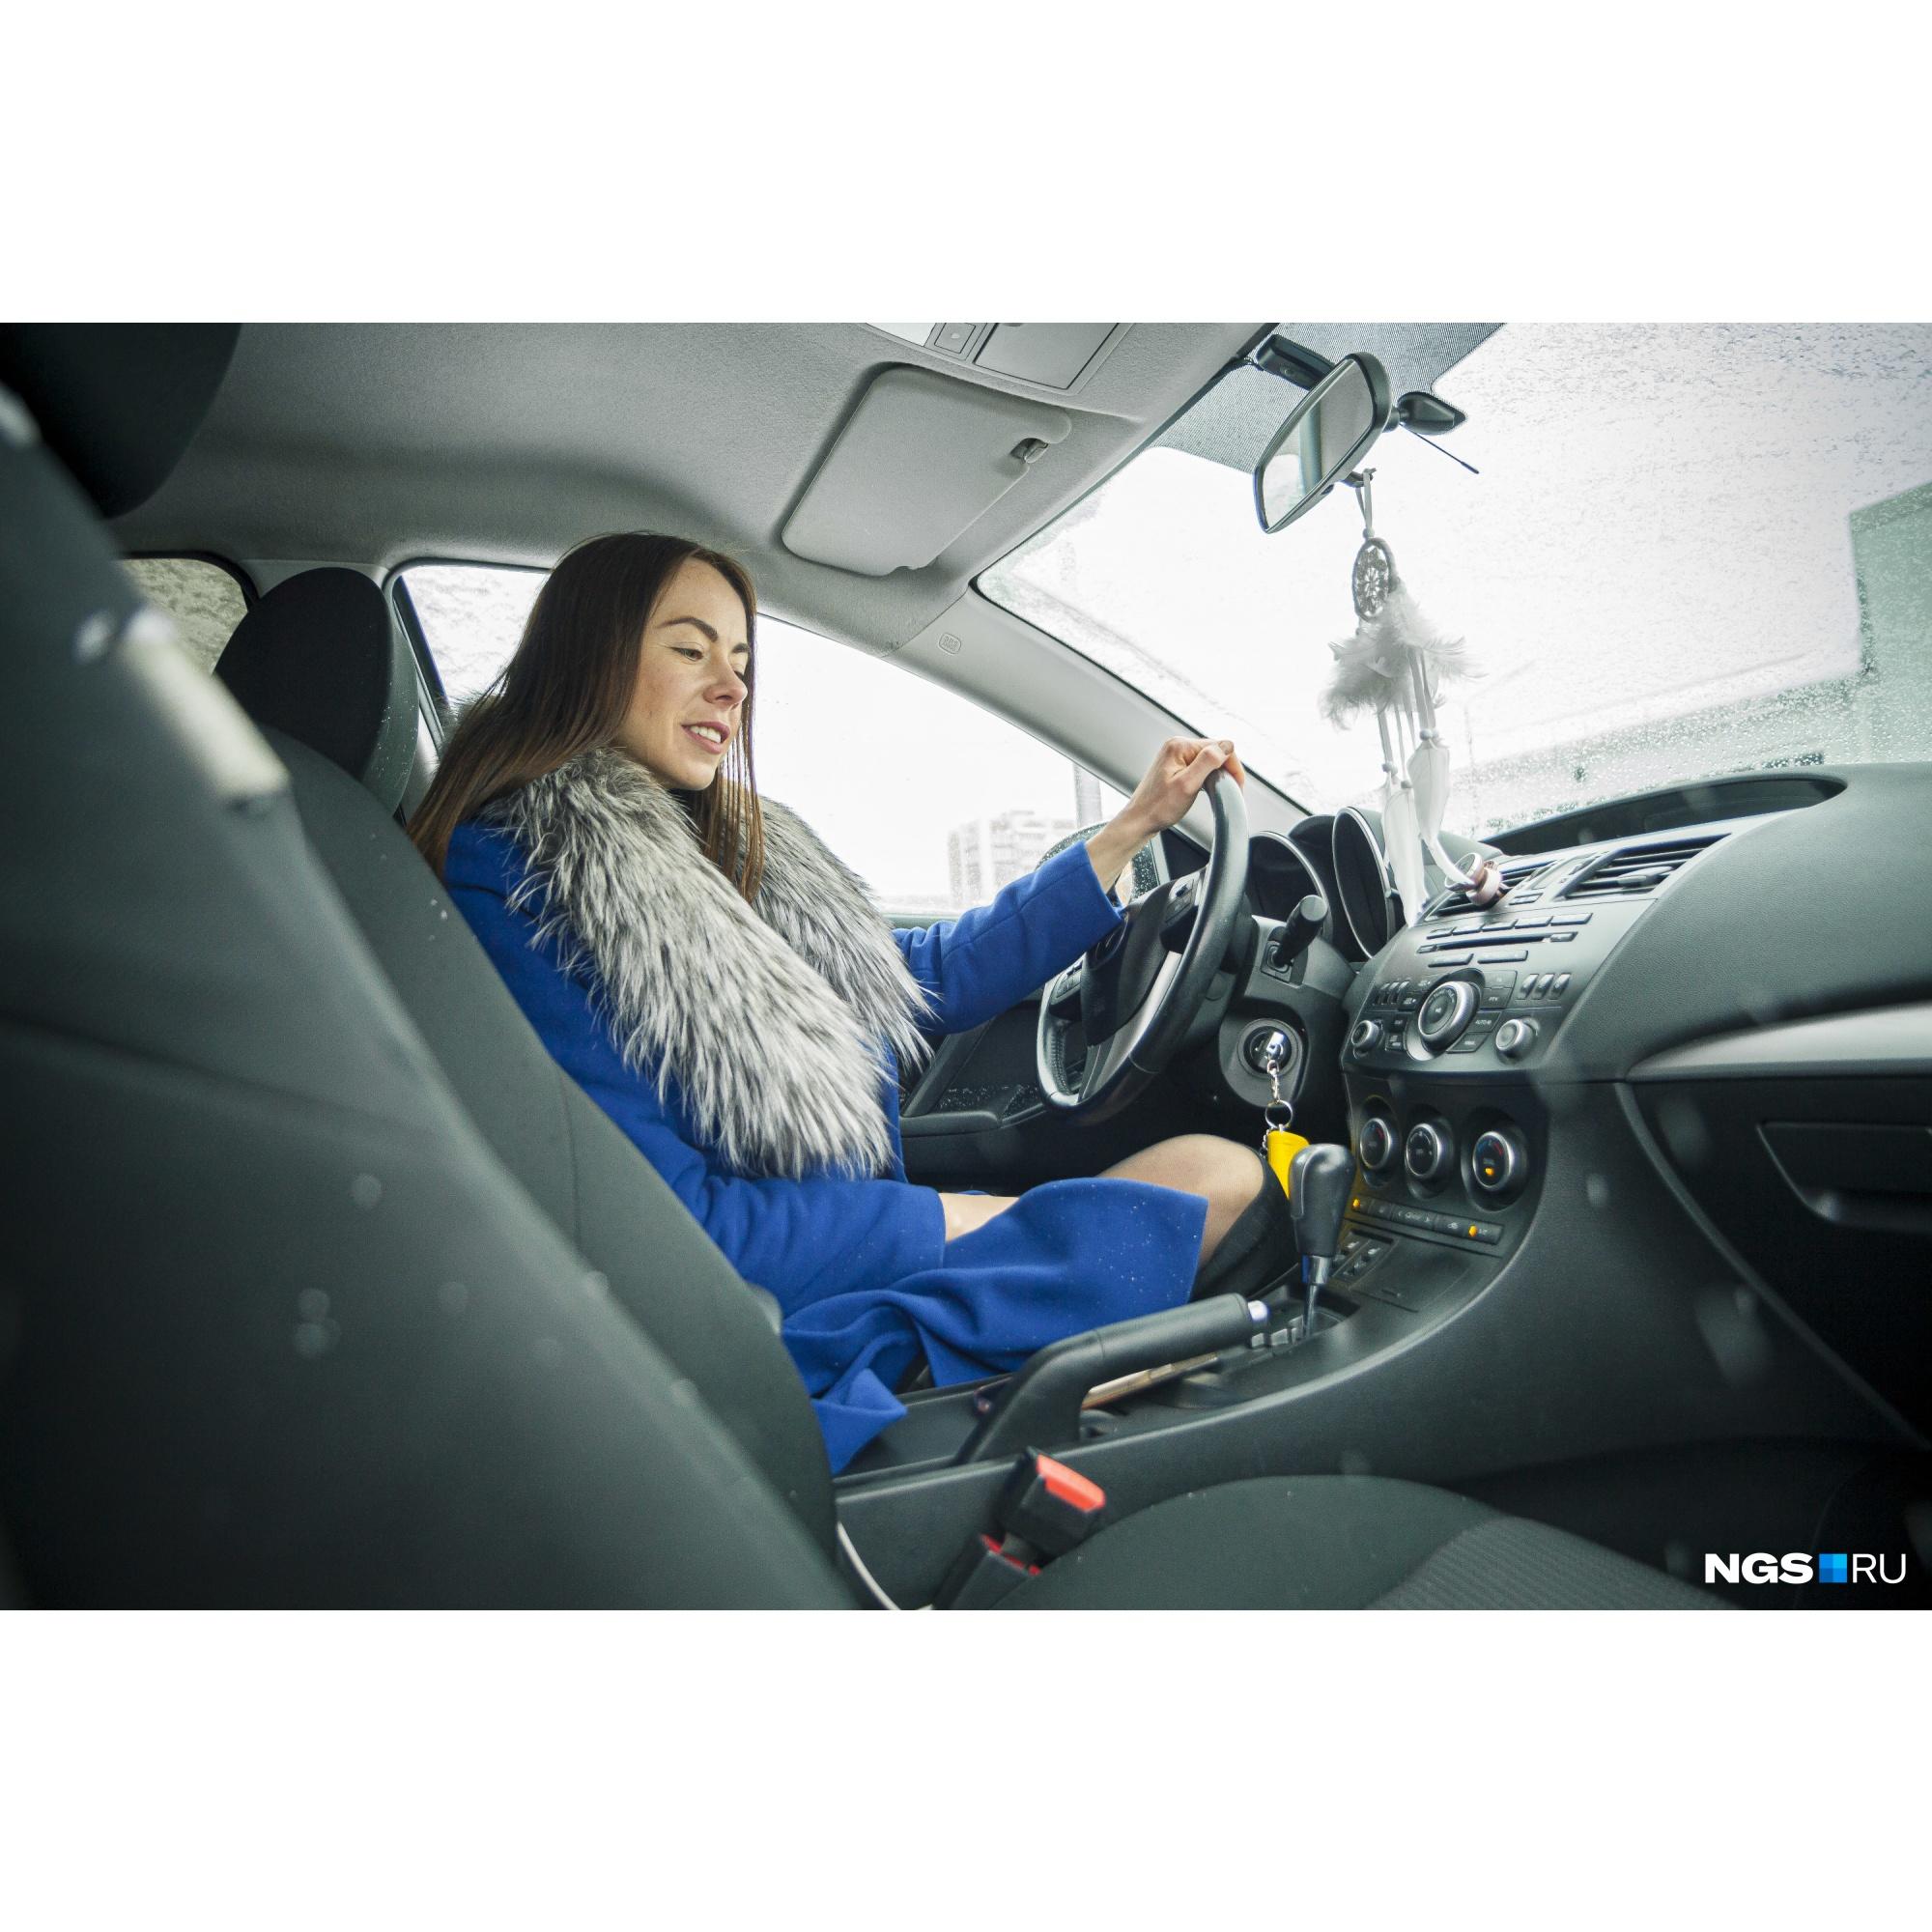 Катерина считает, что в целом культура вождения в Новосибирске все-таки есть